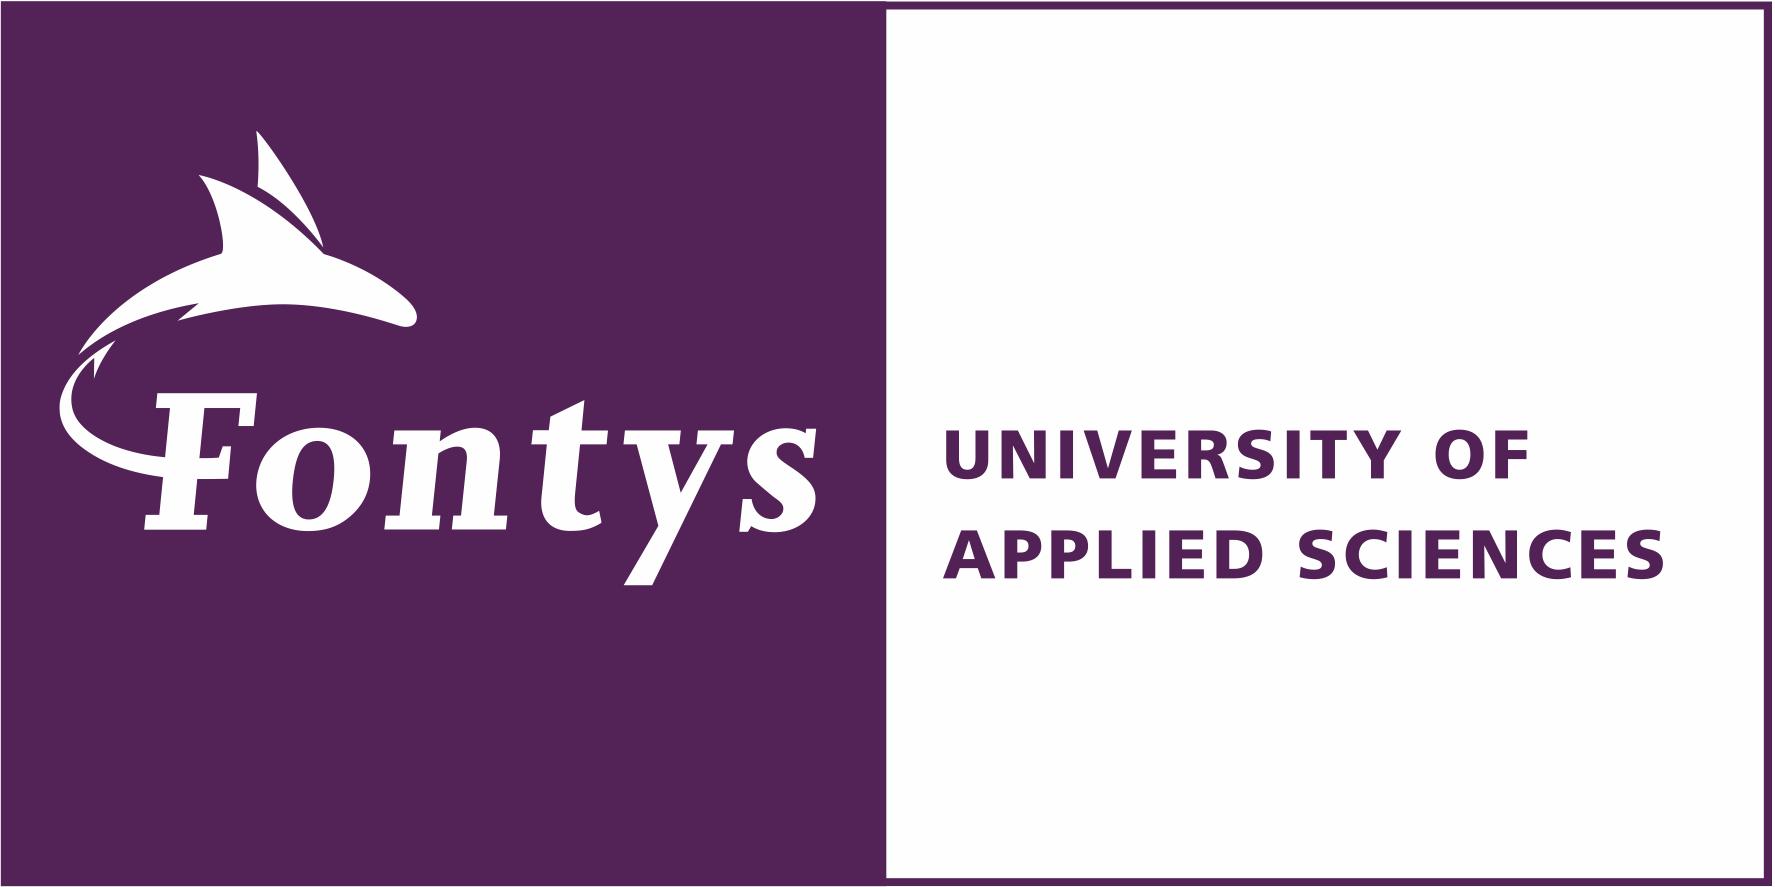 Fontys Venlo University of Applied Sciences